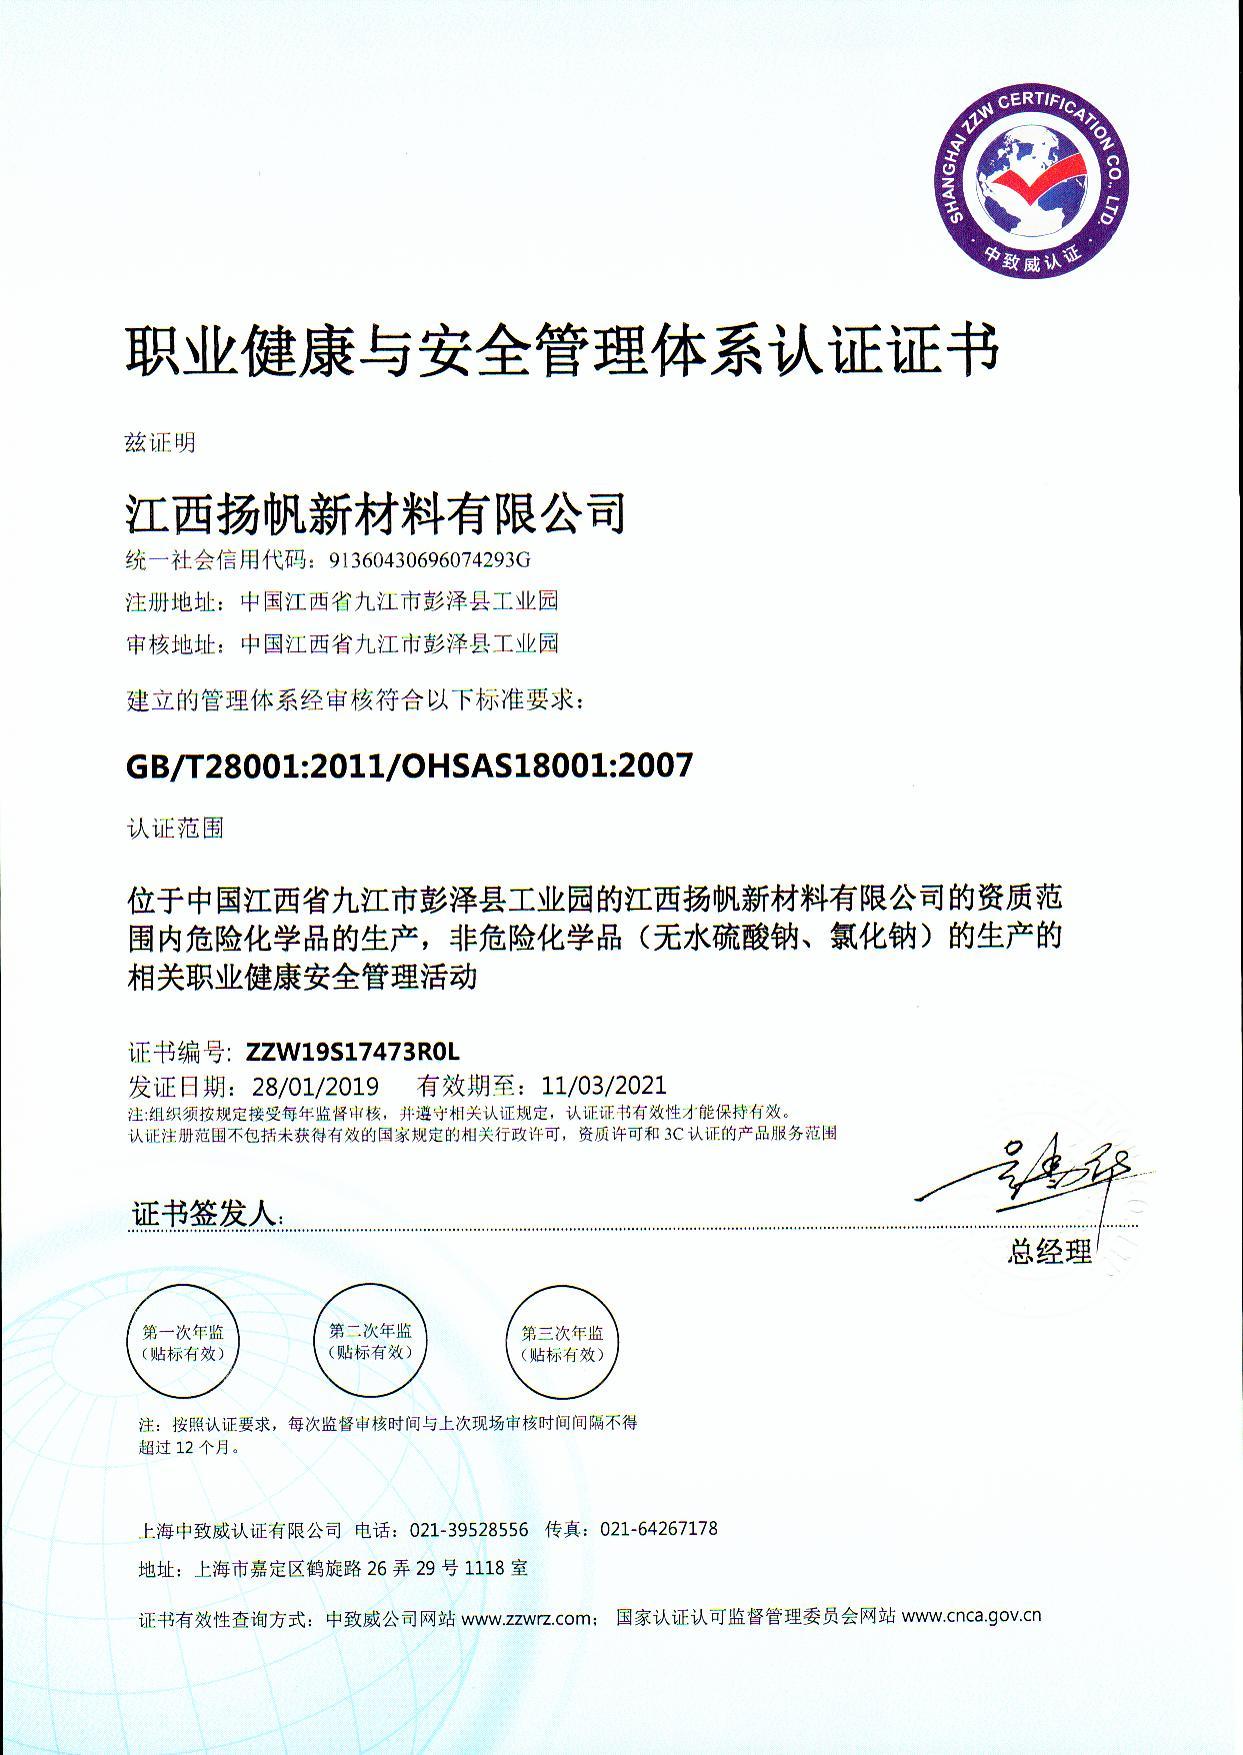 GBT28001-2011中(正本)